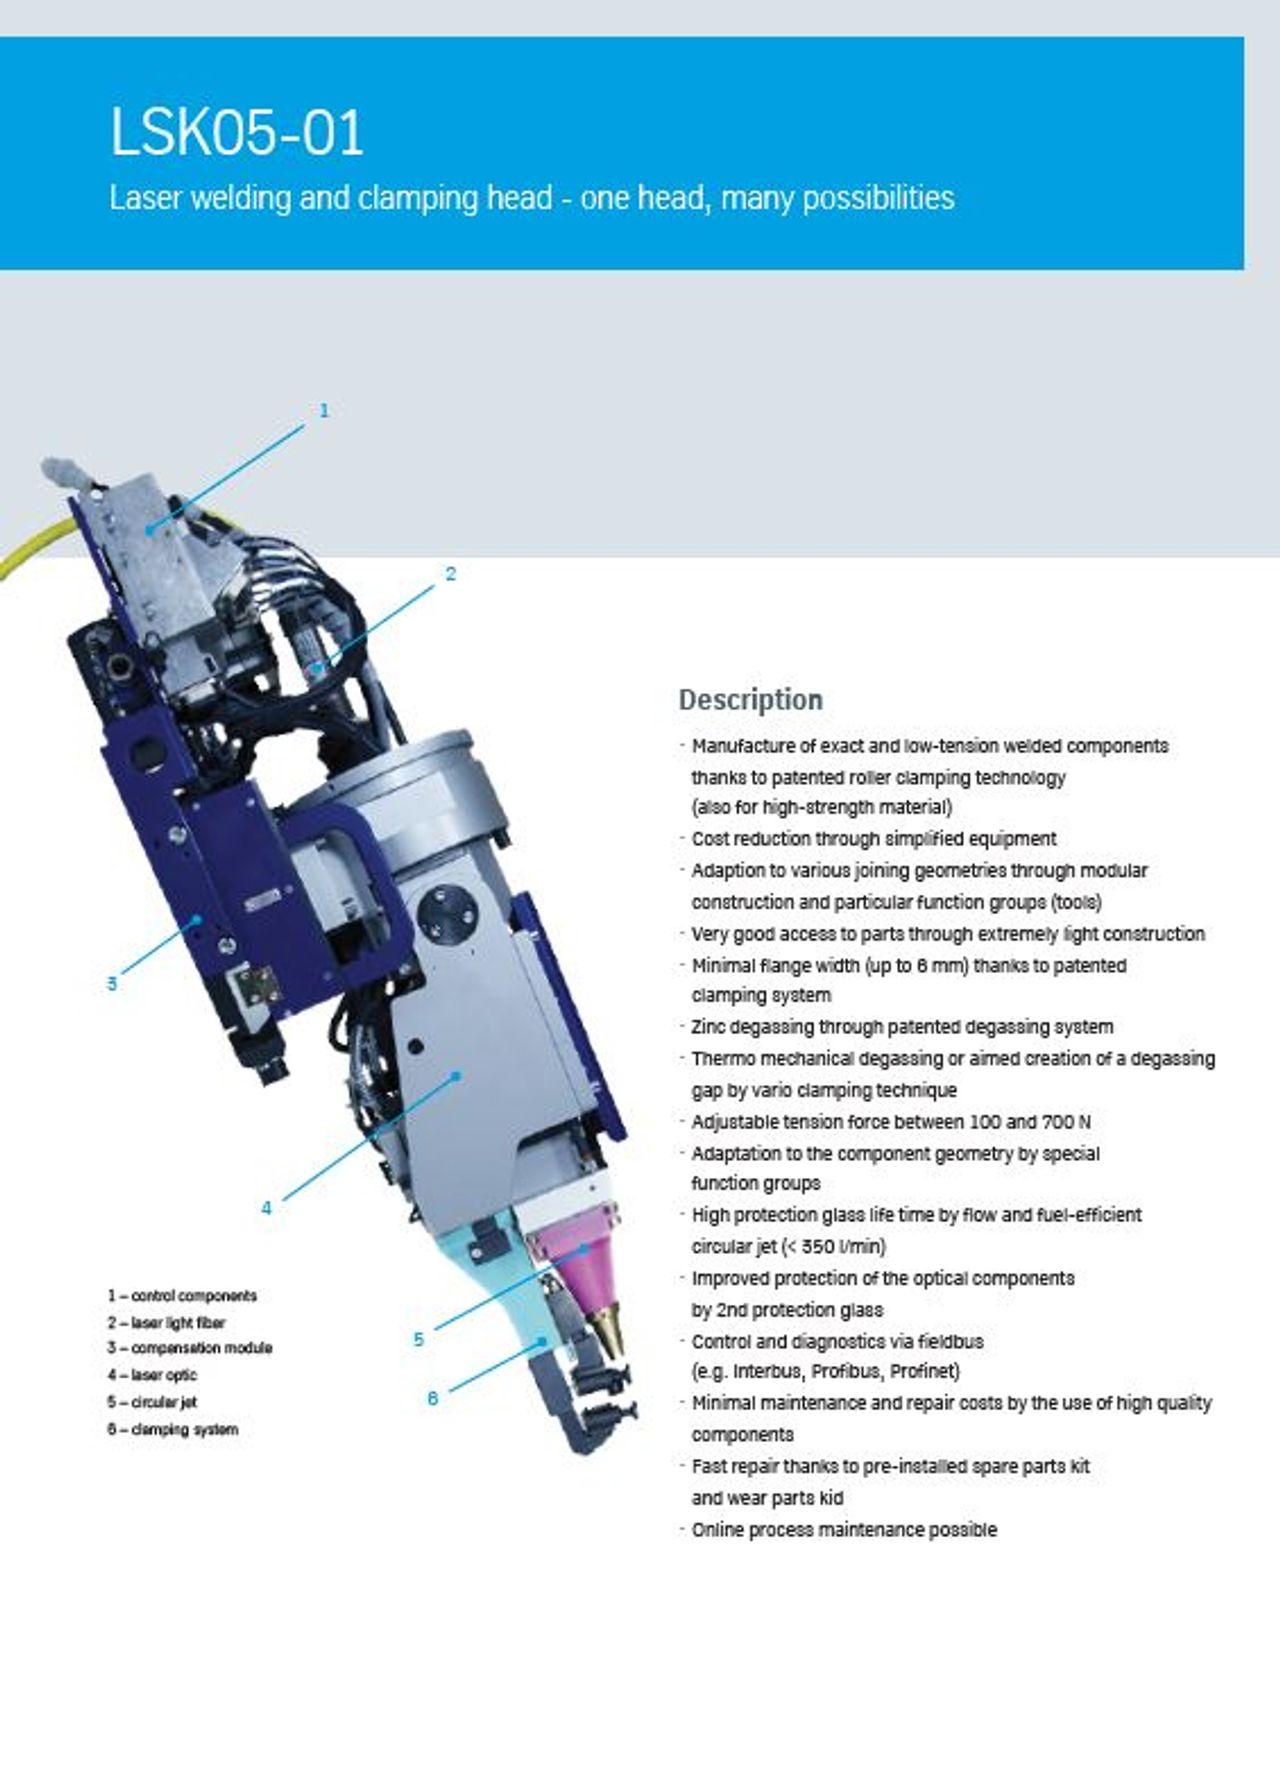 Laser welding head LSK05-01